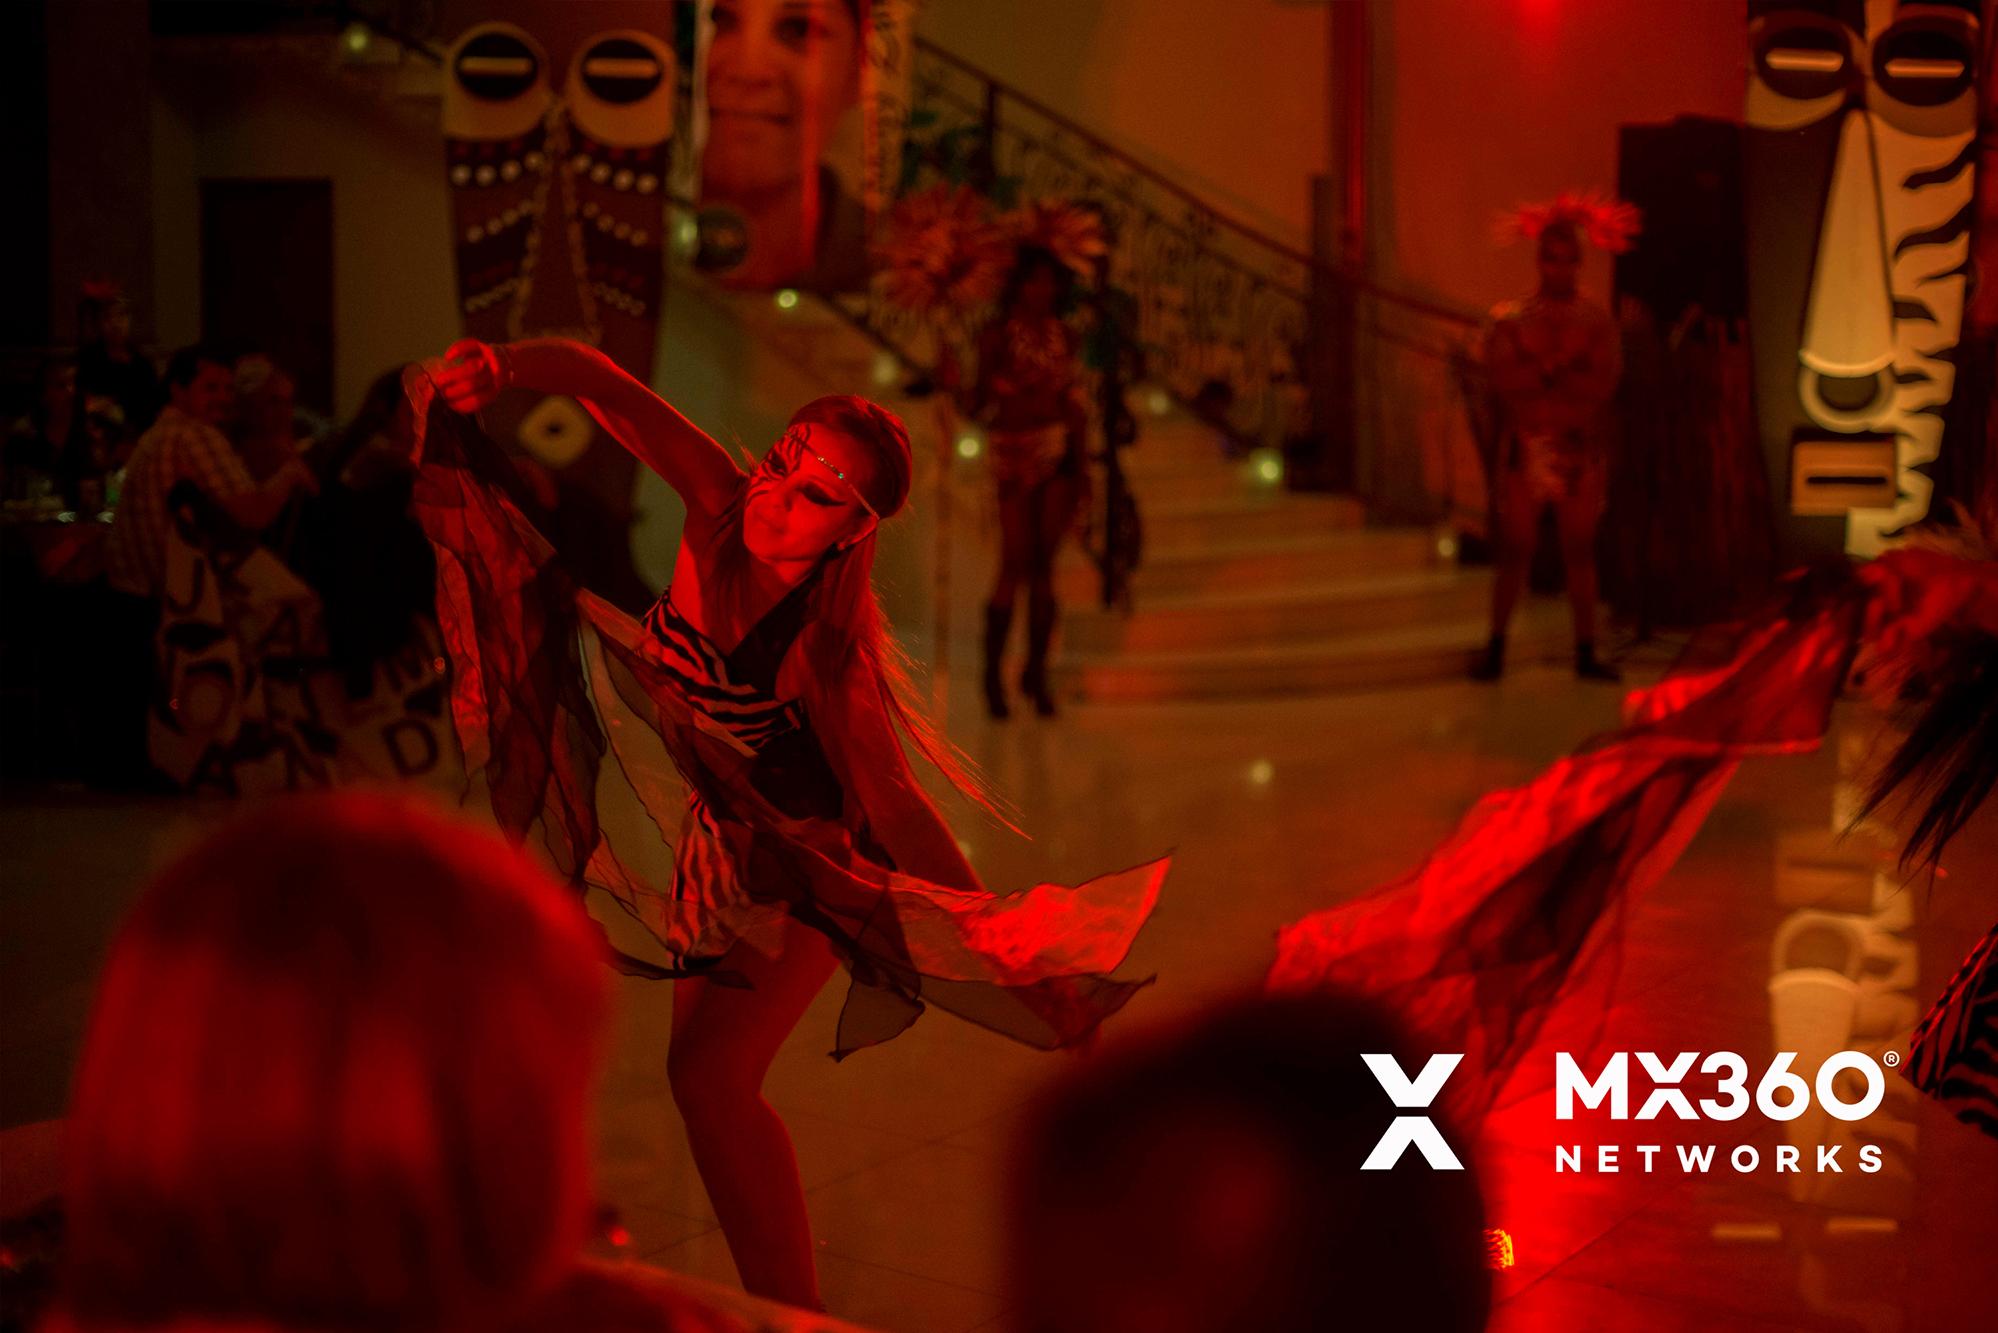 Performance musical, organización de eventos, eventos corporativos, ambientación y decoración de eventos, eventos monterrey.